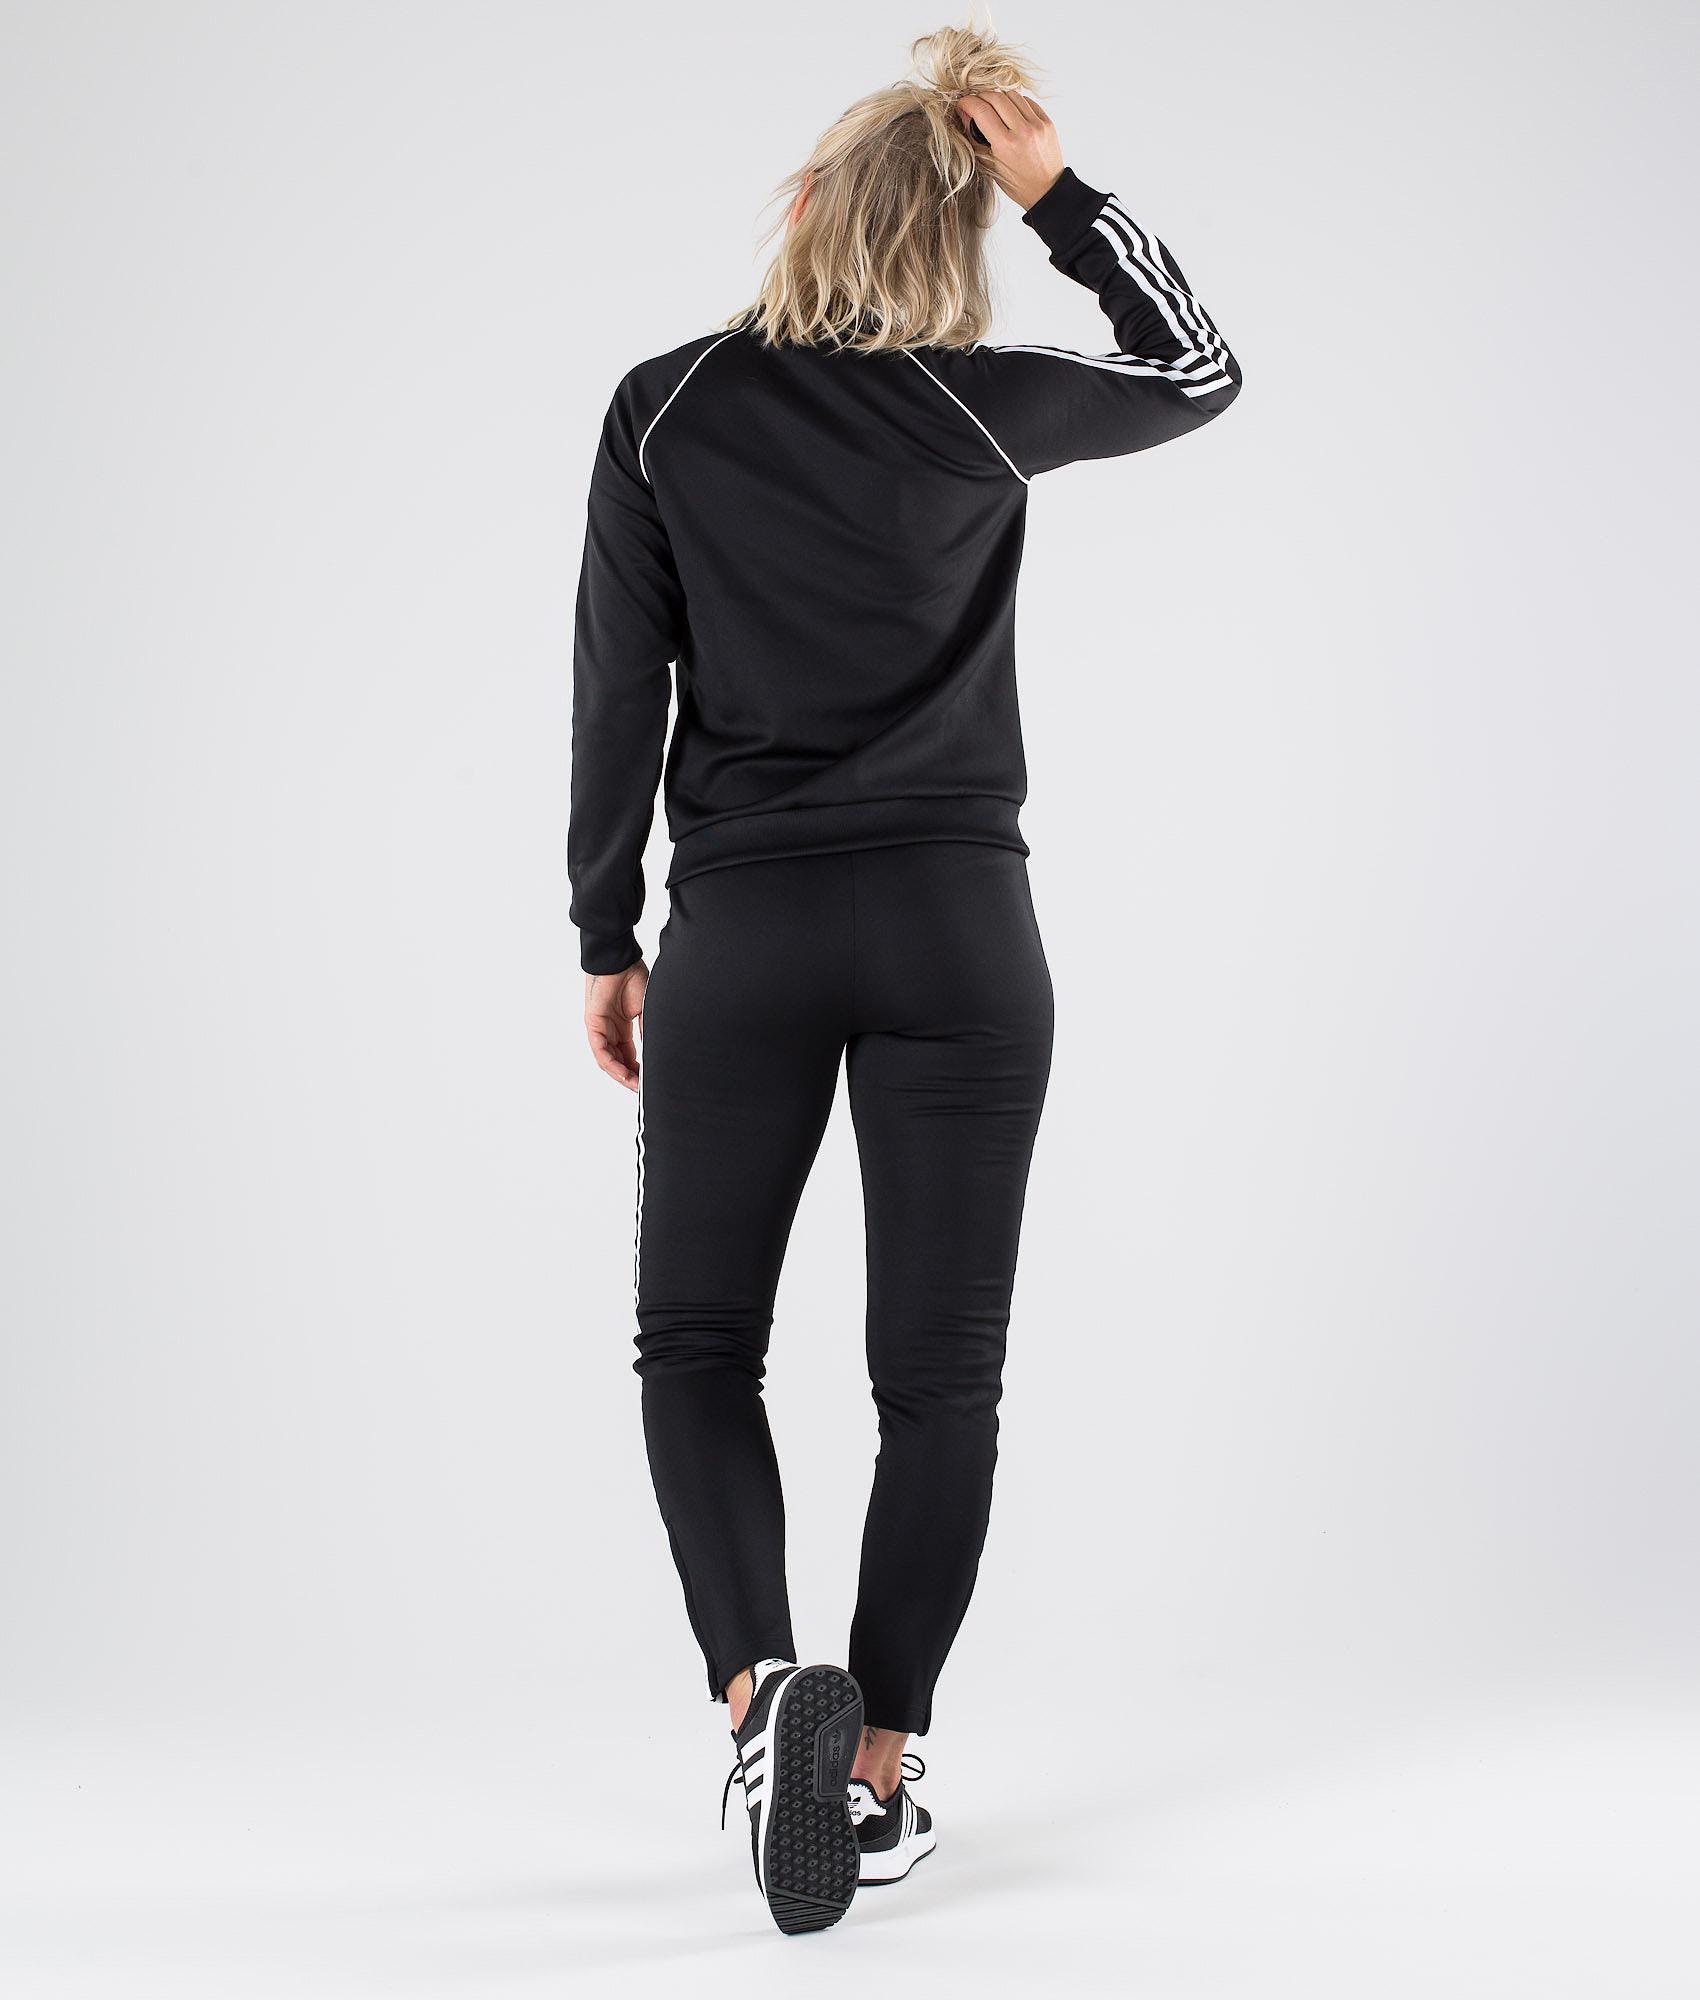 0ec4d987 Adidas Originals Sst Tt Jakke Black - Ridestore.no